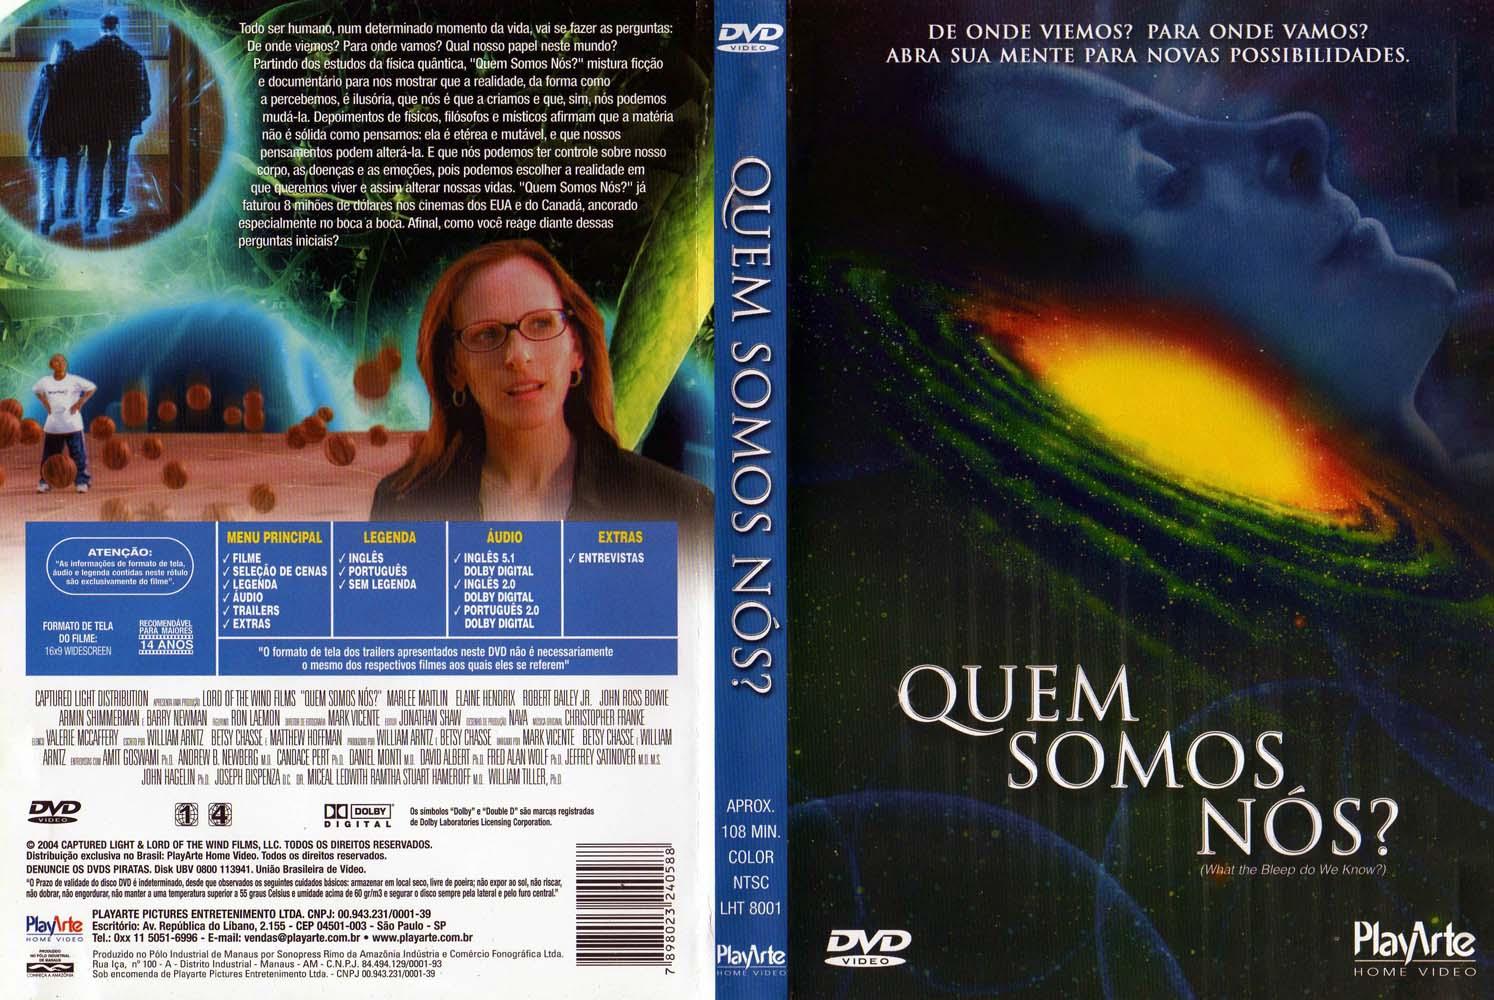 QUEM_SOMOS_NOS